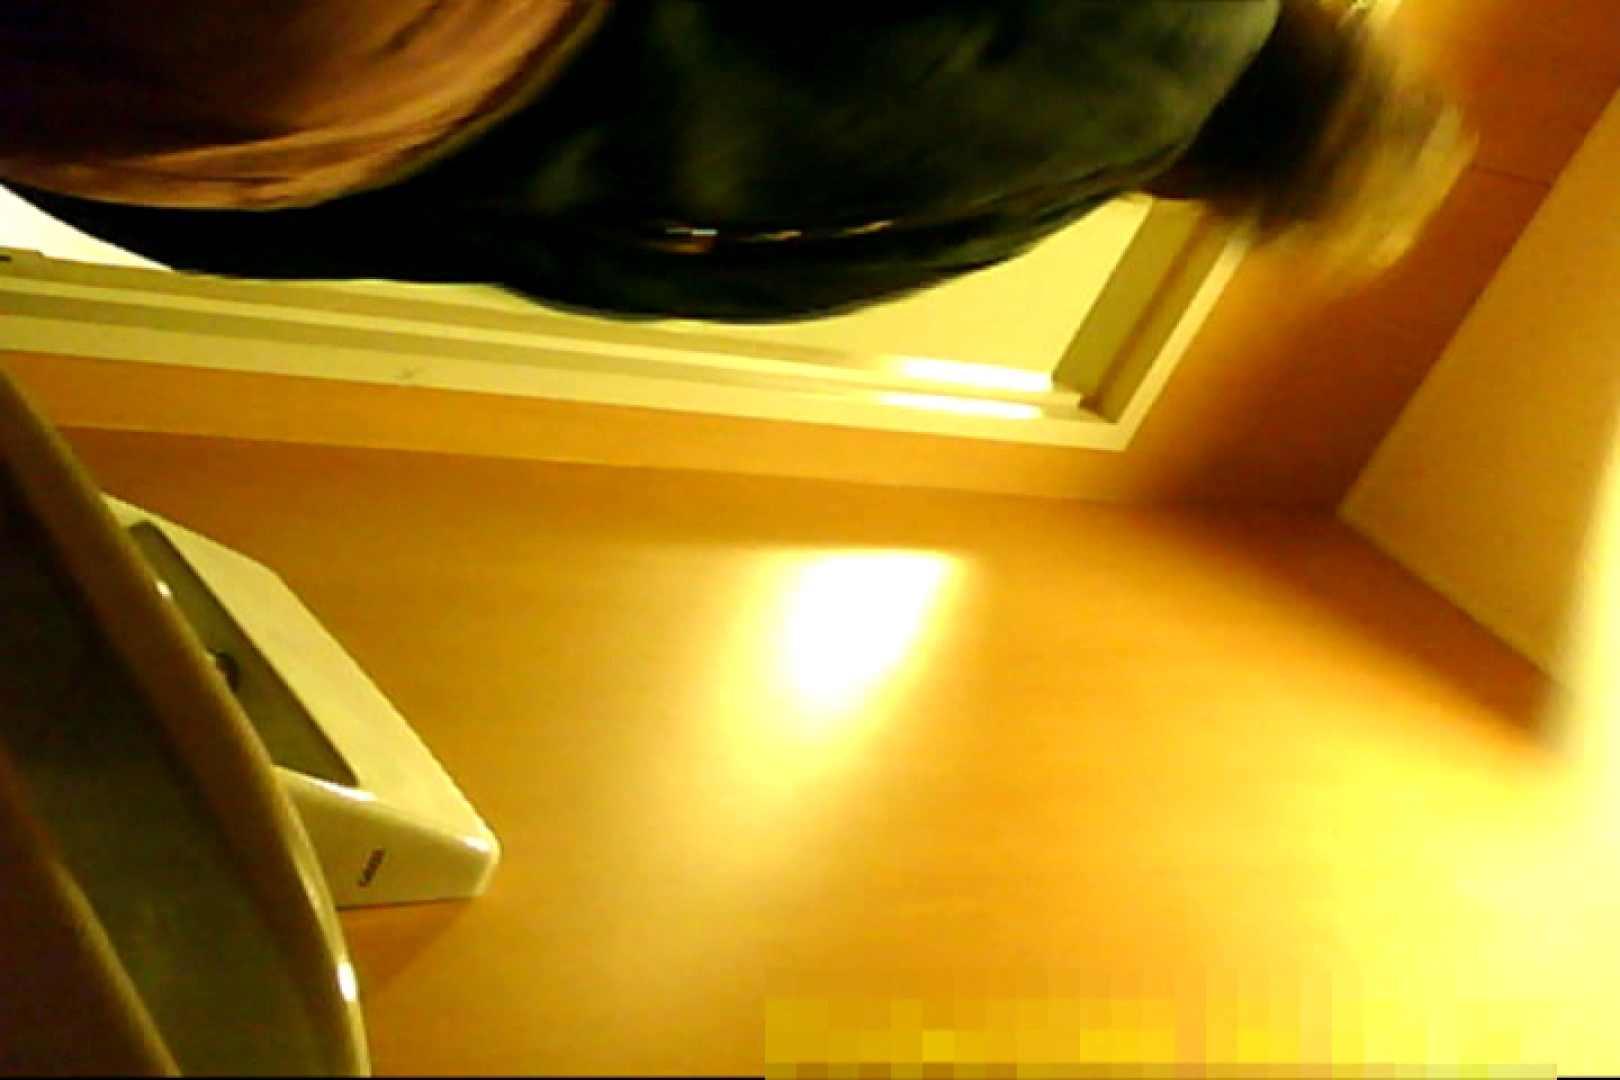 魅惑の化粧室~禁断のプライベート空間~30 エッチなお姉さん エロ無料画像 108pic 89